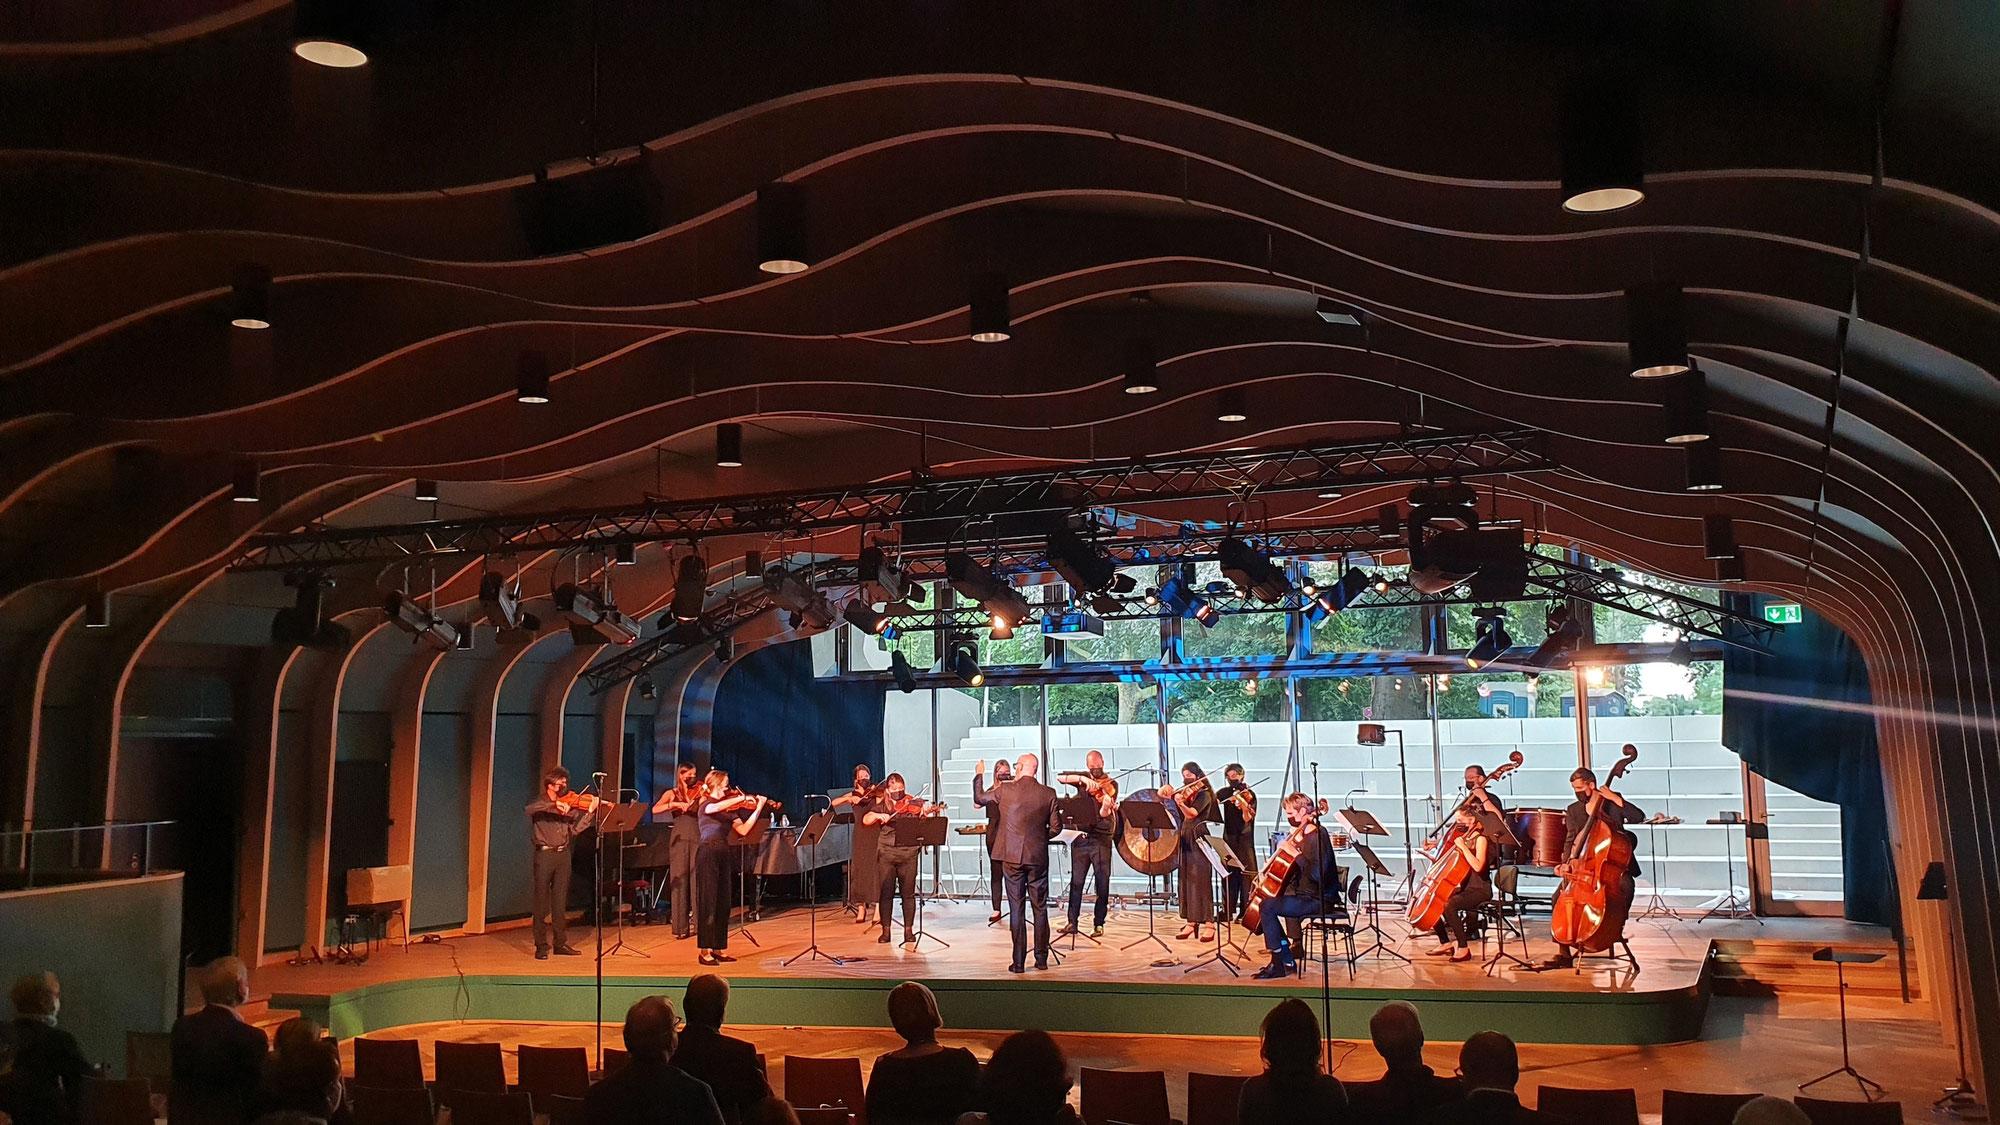 Exklusives Auftaktkonzert der Stiftung junge norddeutsche philharmonie